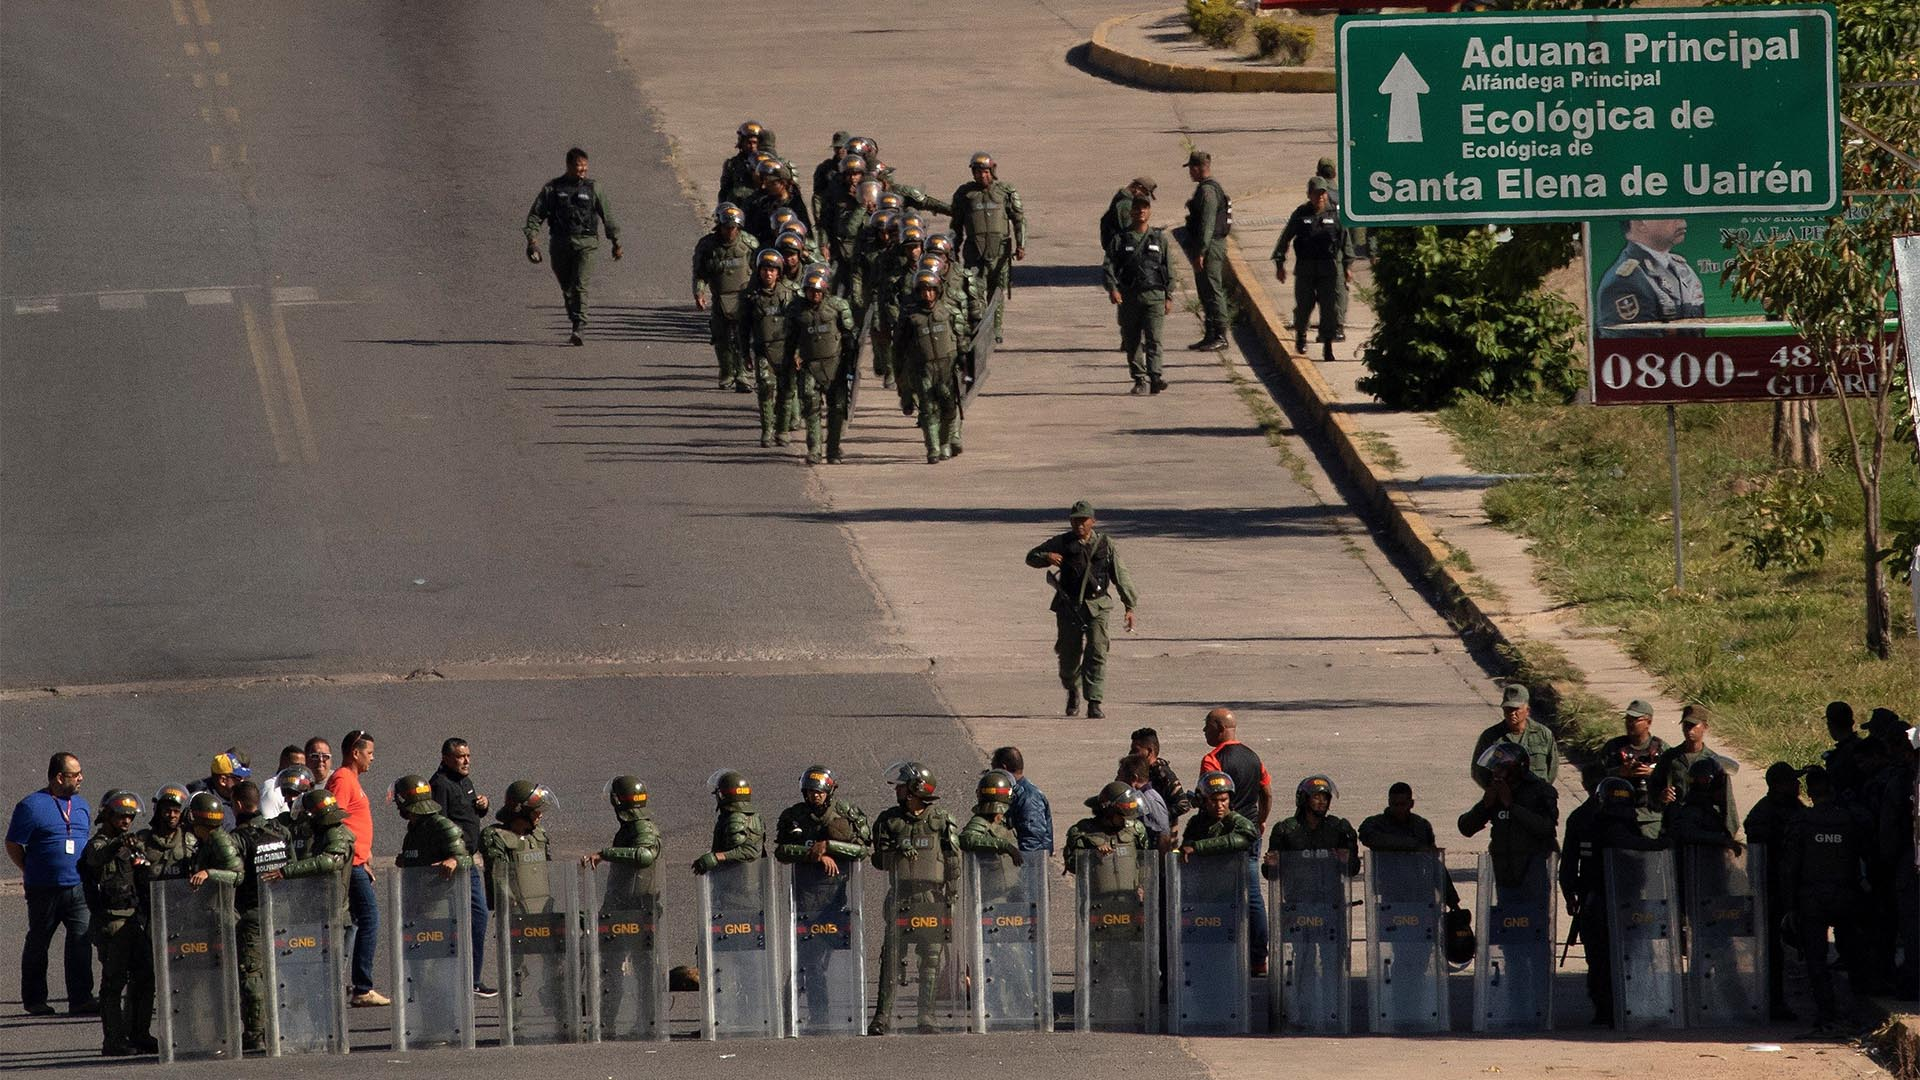 Miembros de la Guardia Nacional Bolivariana de Venezuela montan guardia este sábado en el paso fronterizo ubicado en la localidad de Pacaraima, en el límite fronterizo entre ambos países, cerrado desde el jueves por orden del Gobierno de Nicolás Maduro (EFE)